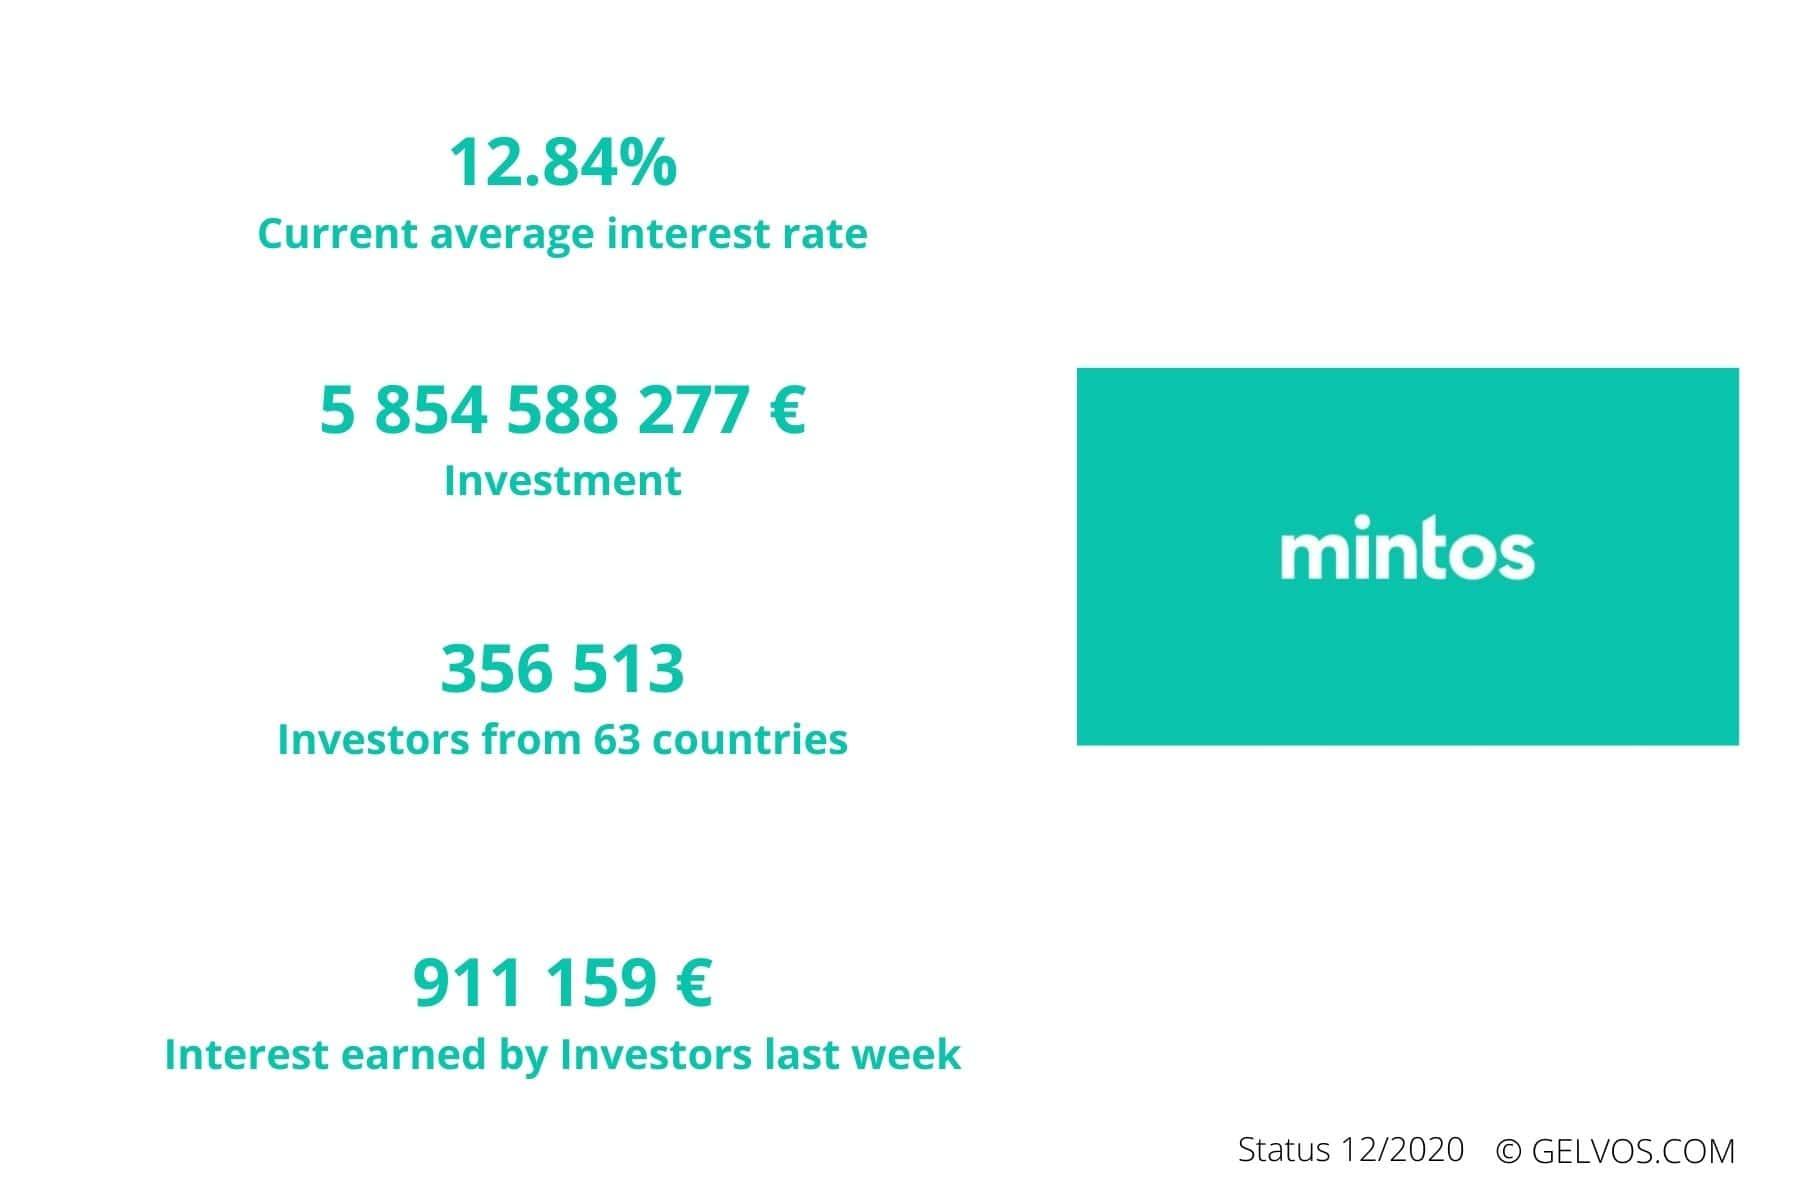 Mintos-p2p-loans-peer-to-peer-lending